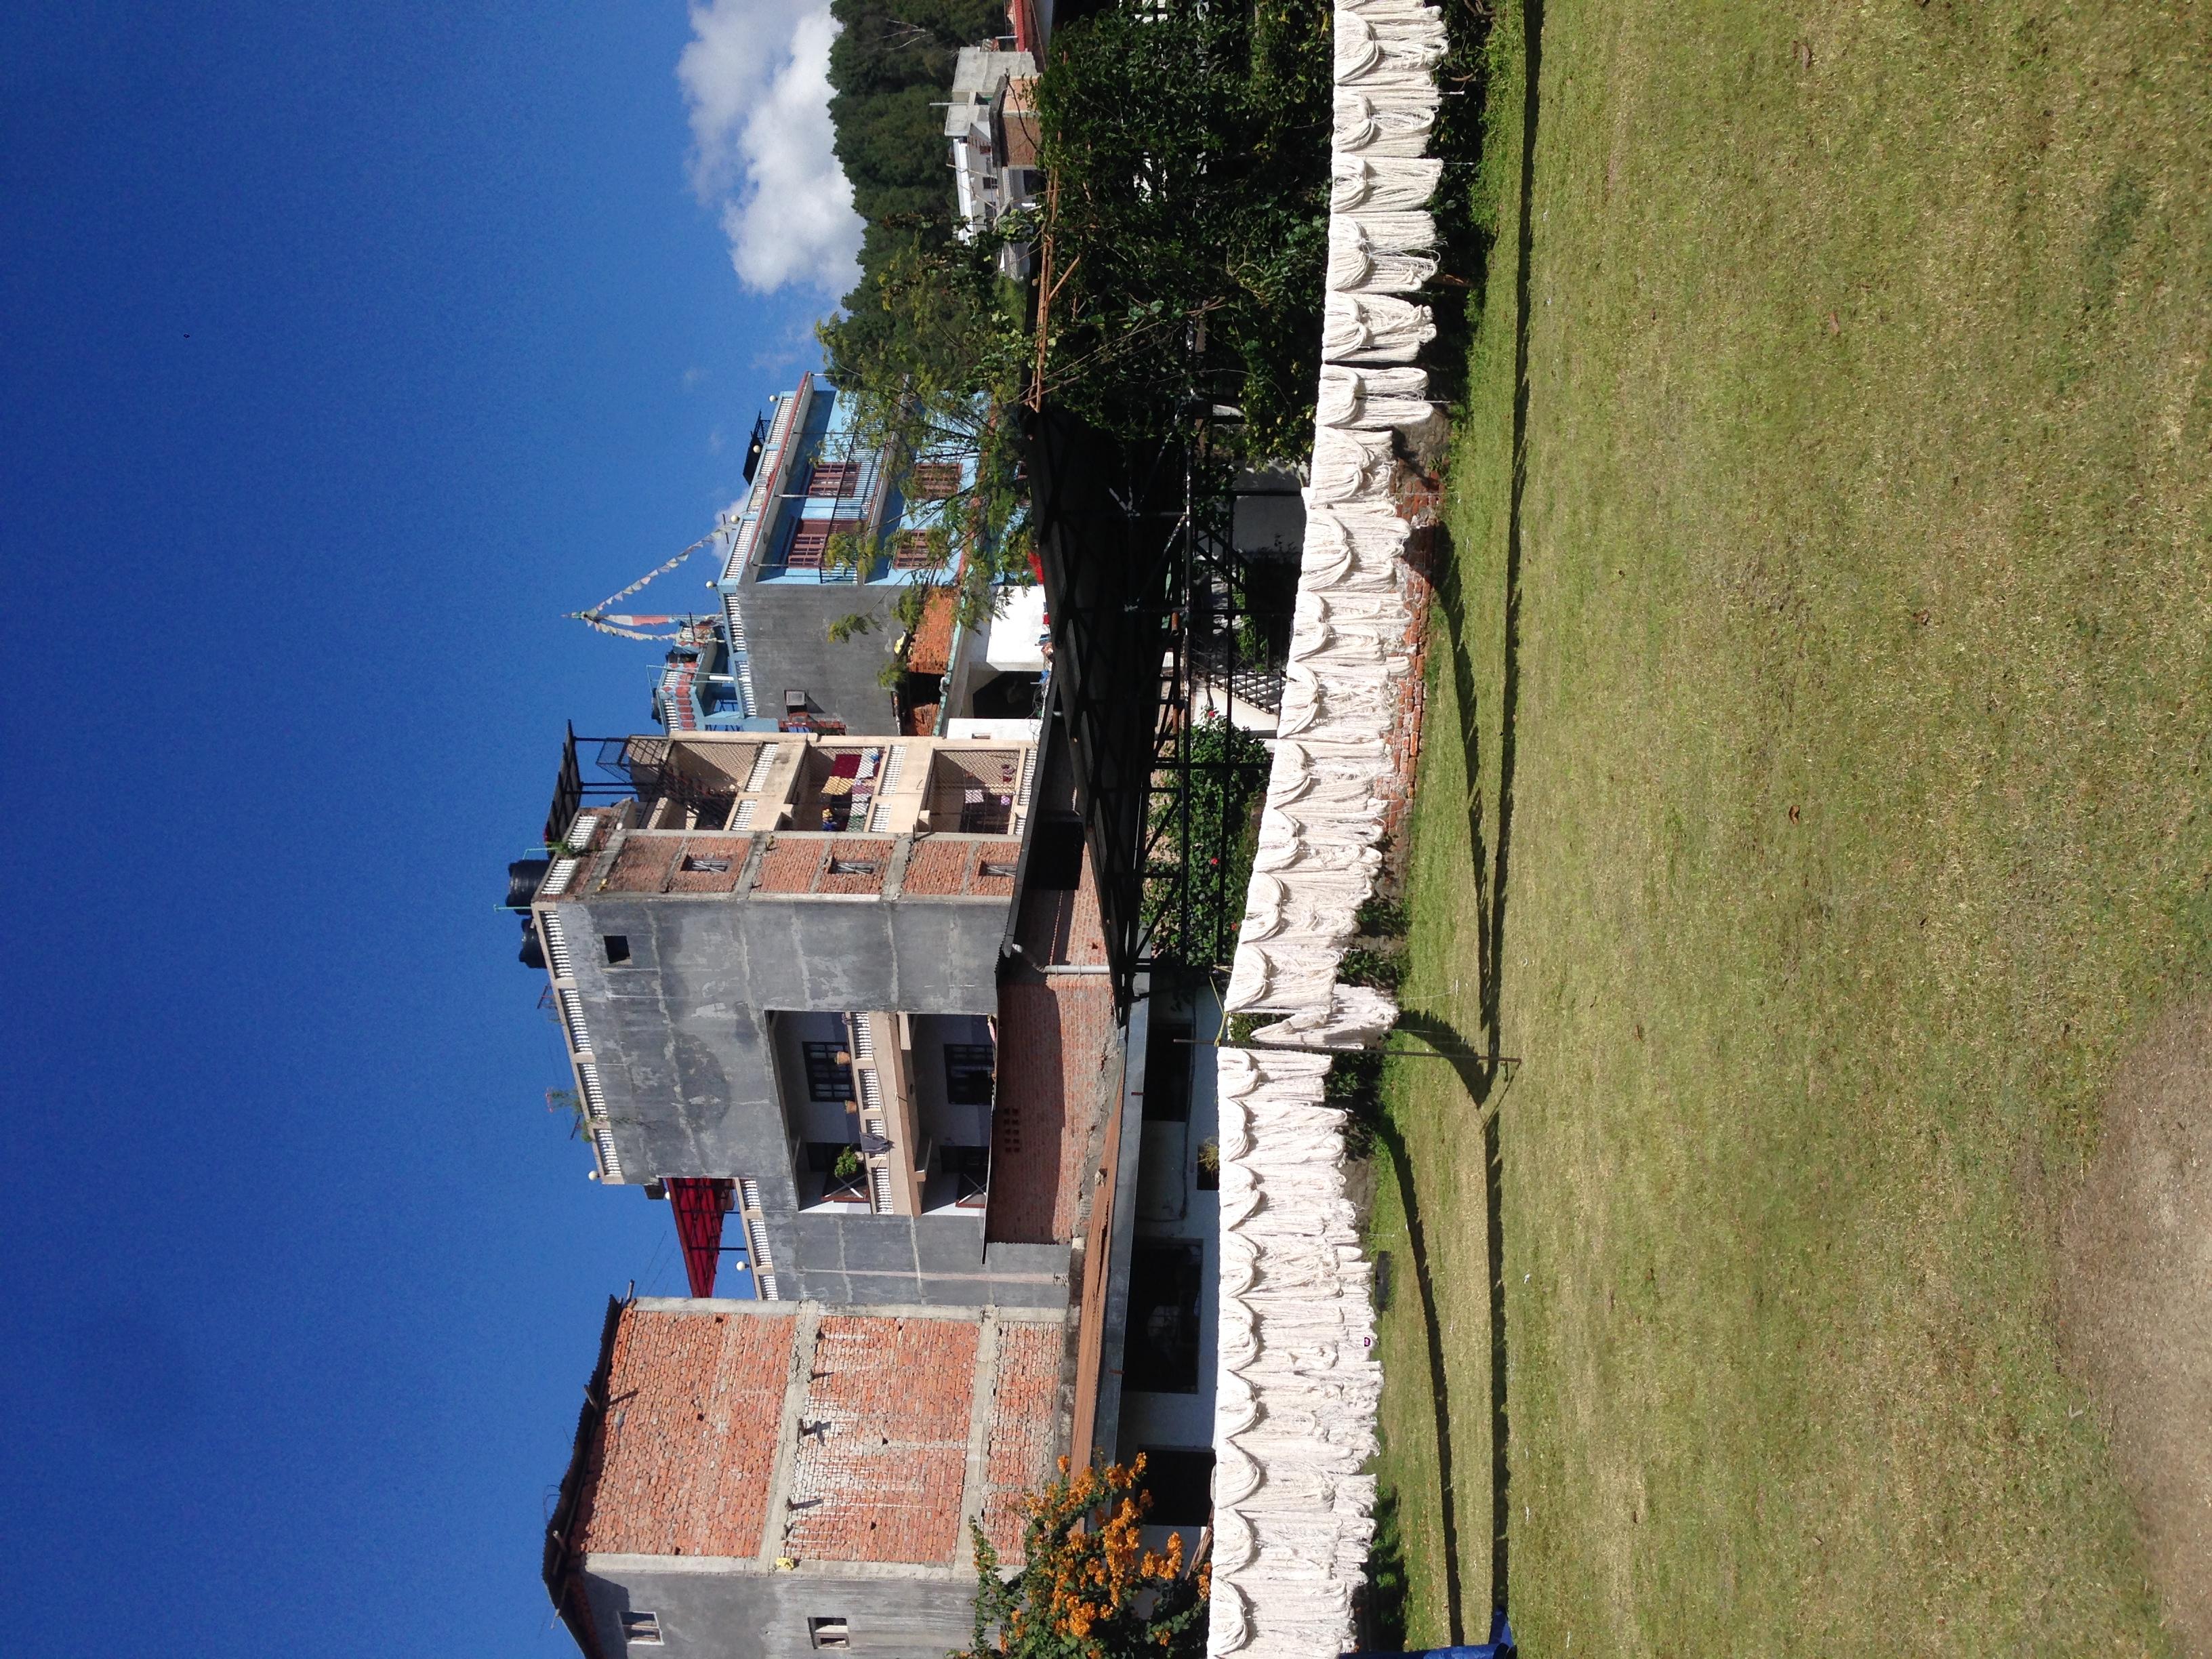 Drying wool in the sun